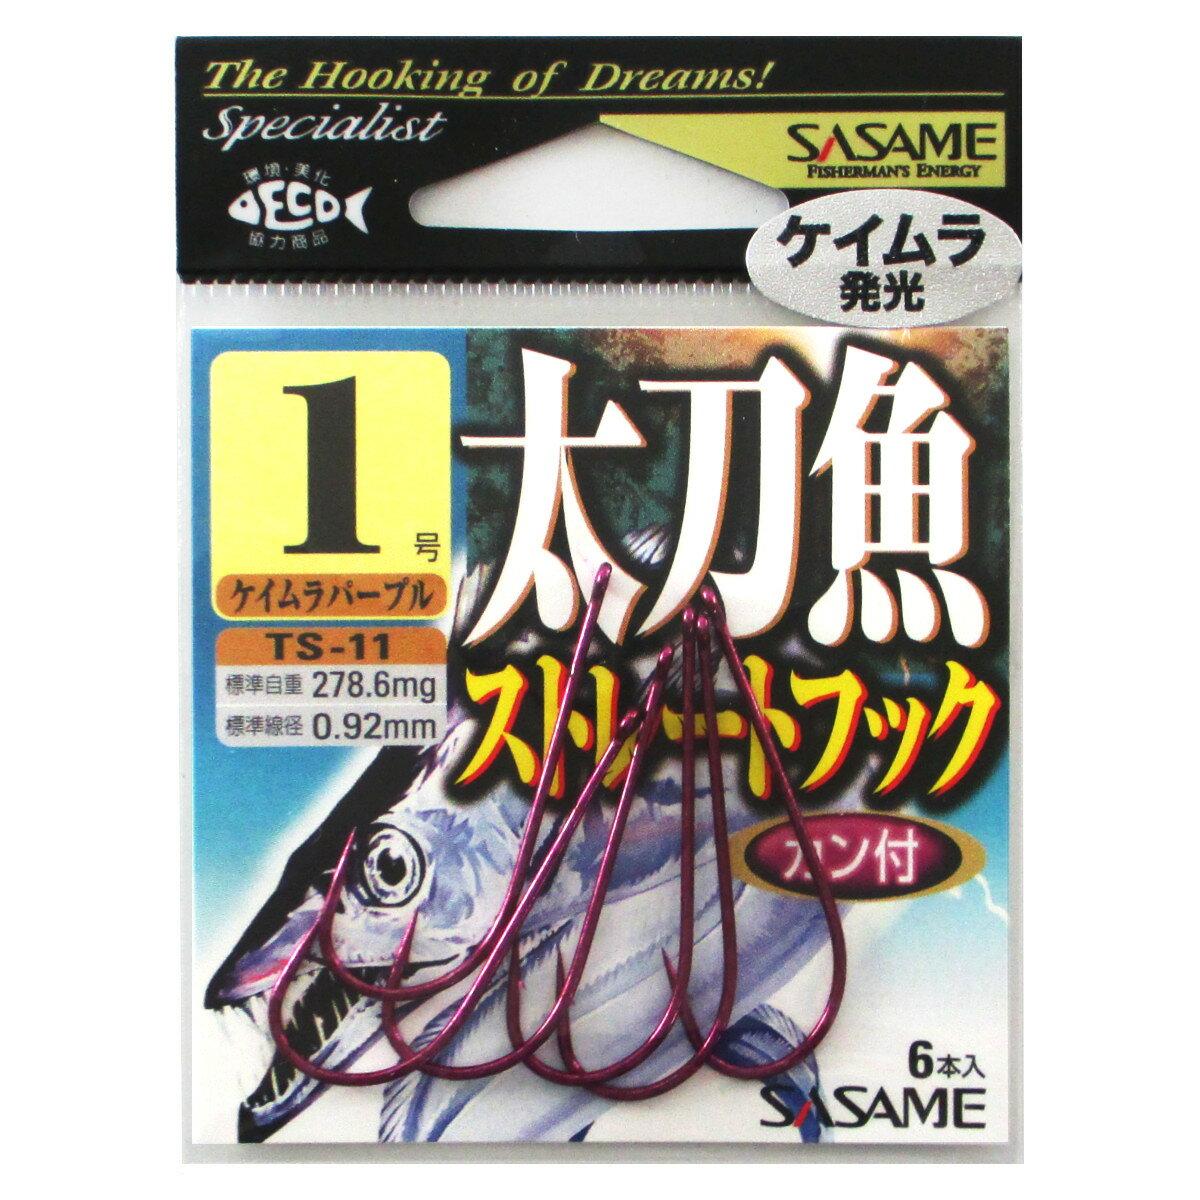 ささめ針 太刀魚ストレートフック TS-11 1号 ケイムラパープル(東日本店)